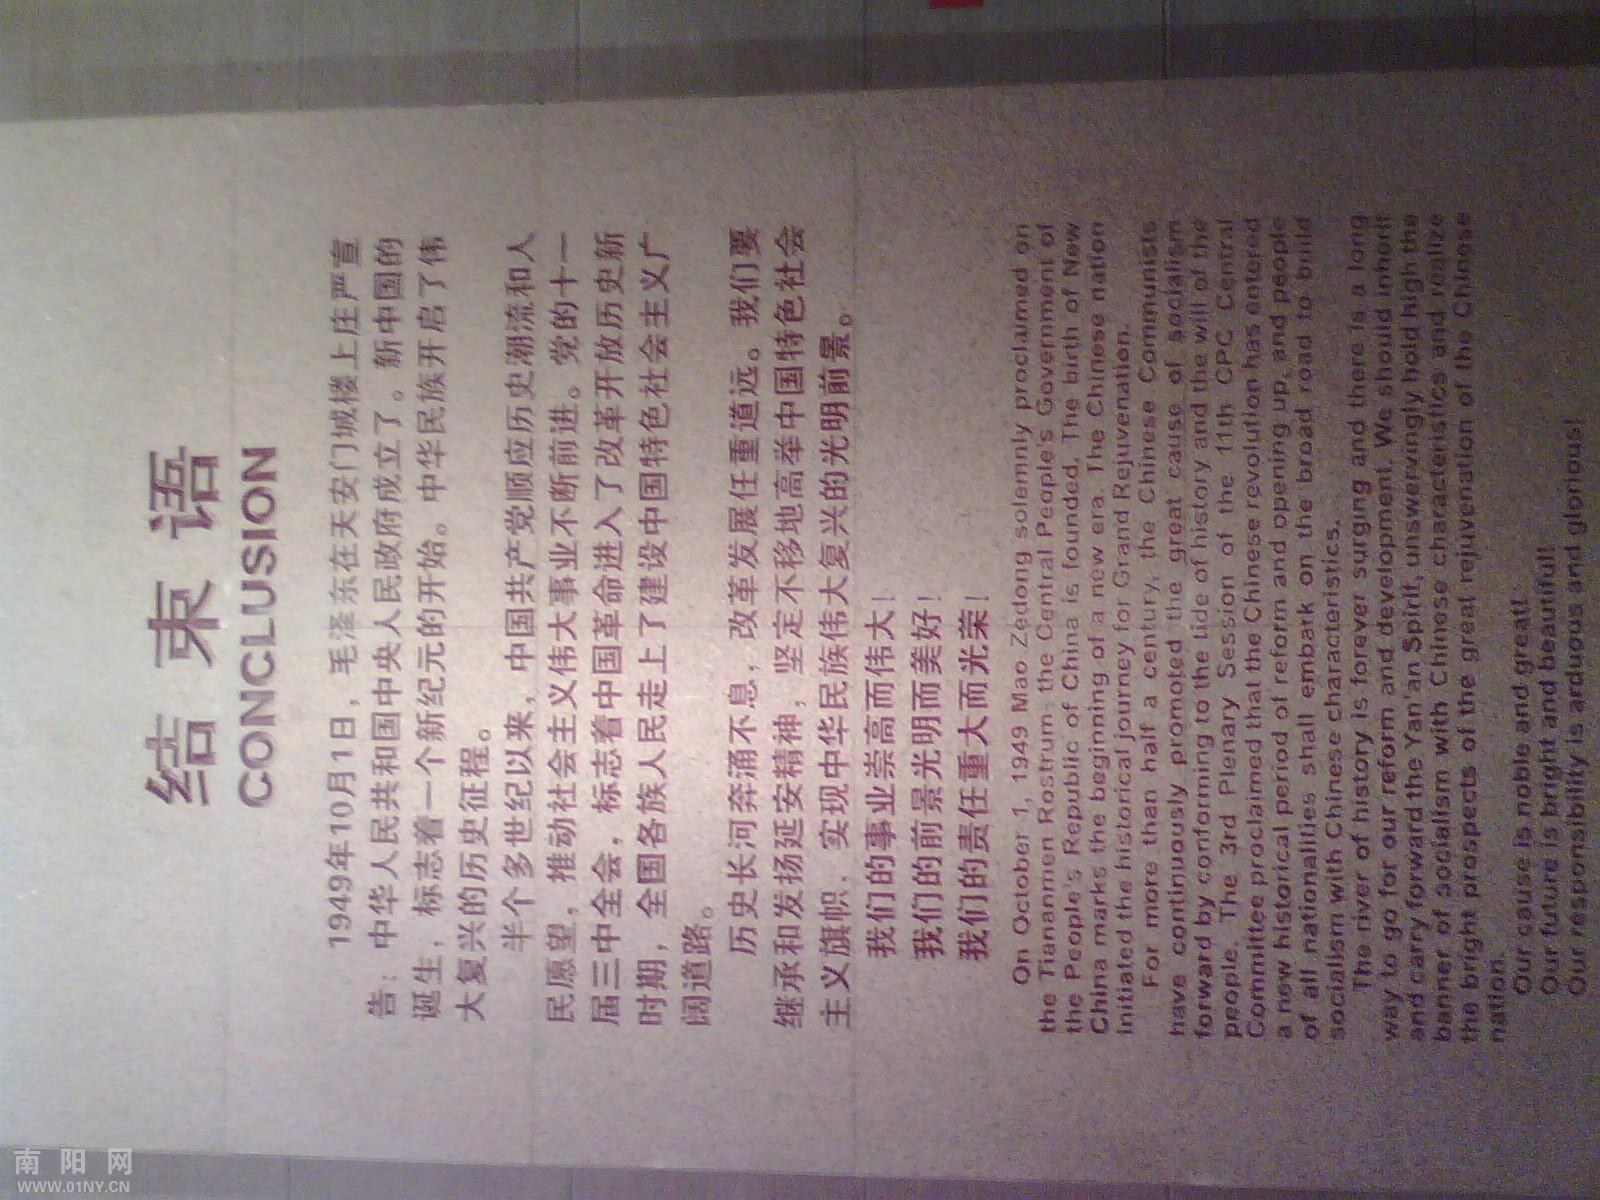 在延安革命纪念馆拍的一些珍贵的文献资料